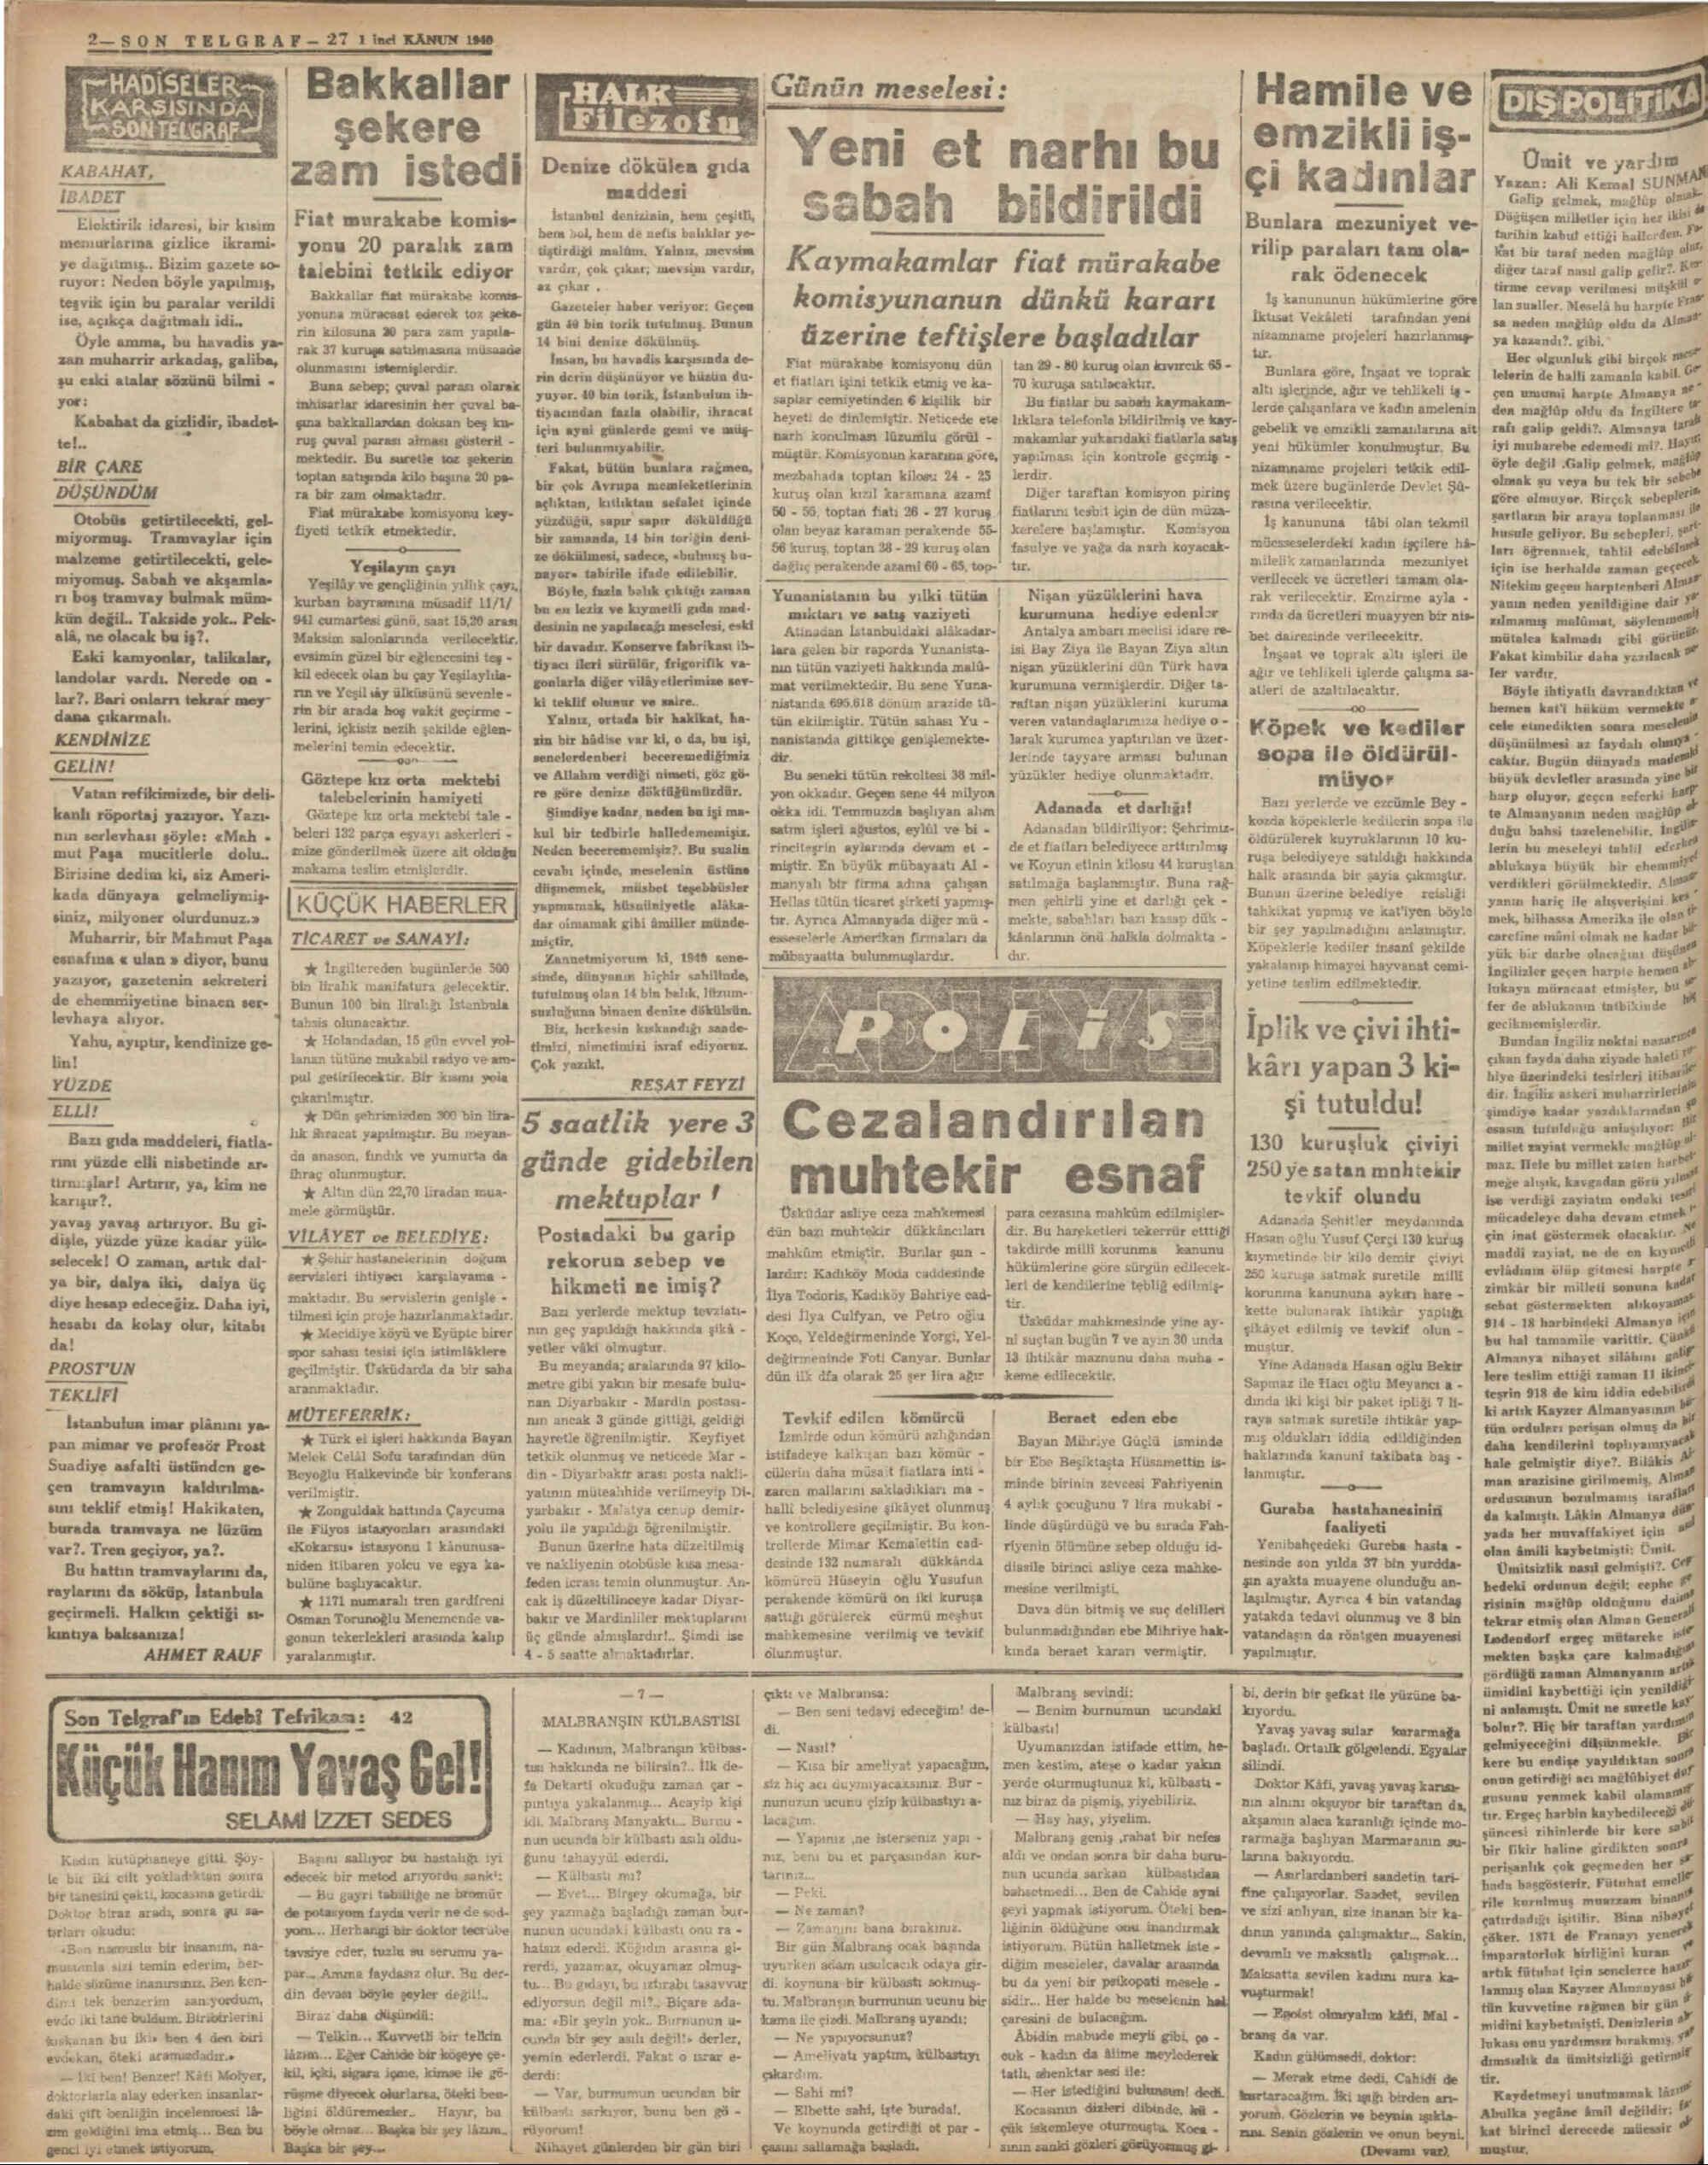 27 Aralık 1940 Tarihli Son Telgraf Dergisi Sayfa 2